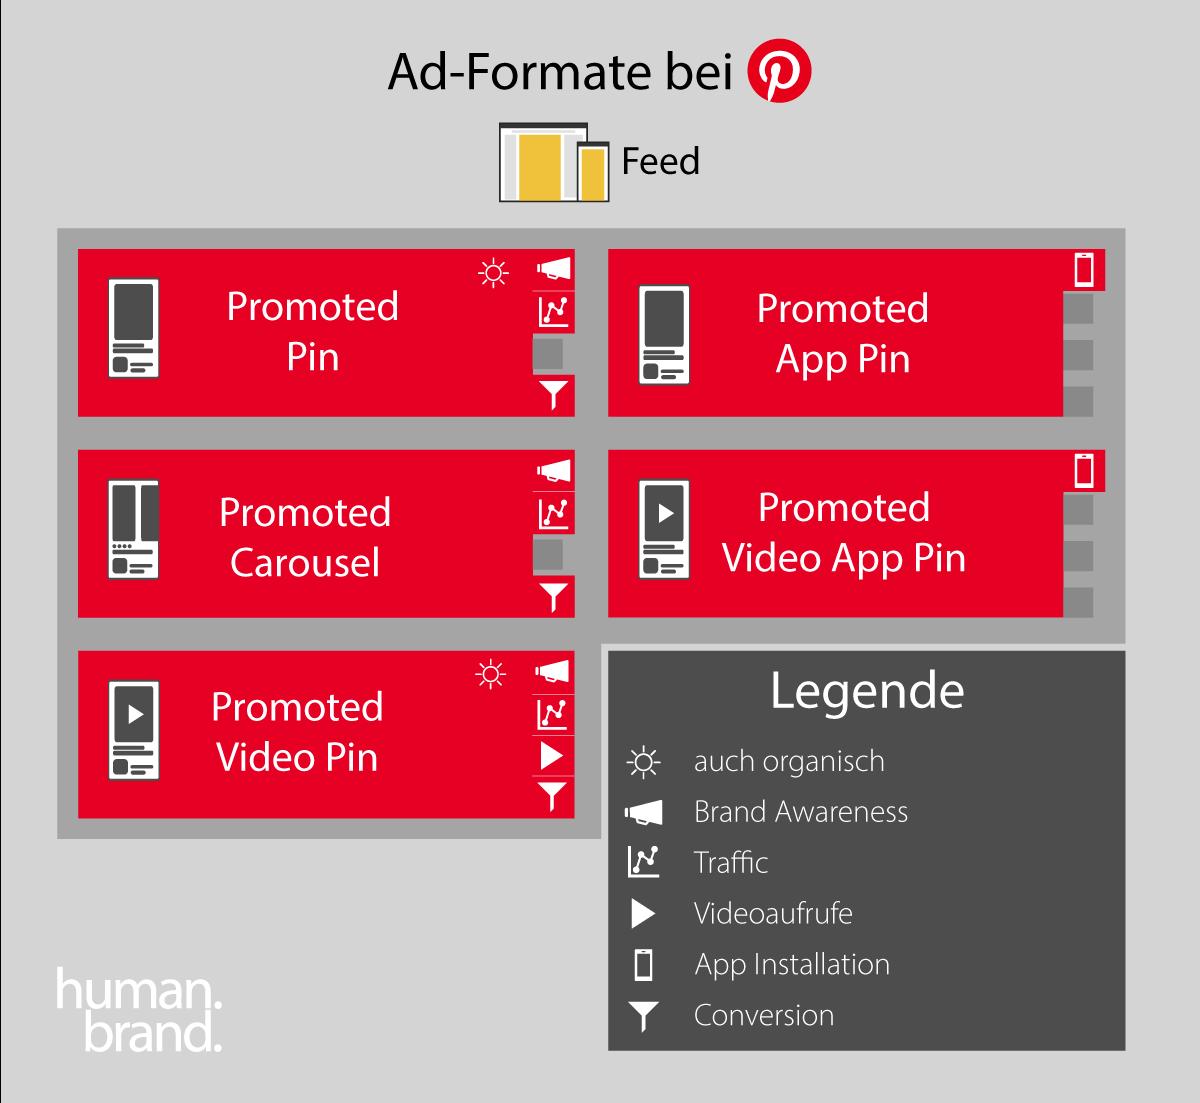 Eine Infografik zeigt die verfügbaren Formate für Pinterest-Ads sowie ihre jeweilige Platzierung und die damit verfolgbaren Ziele.